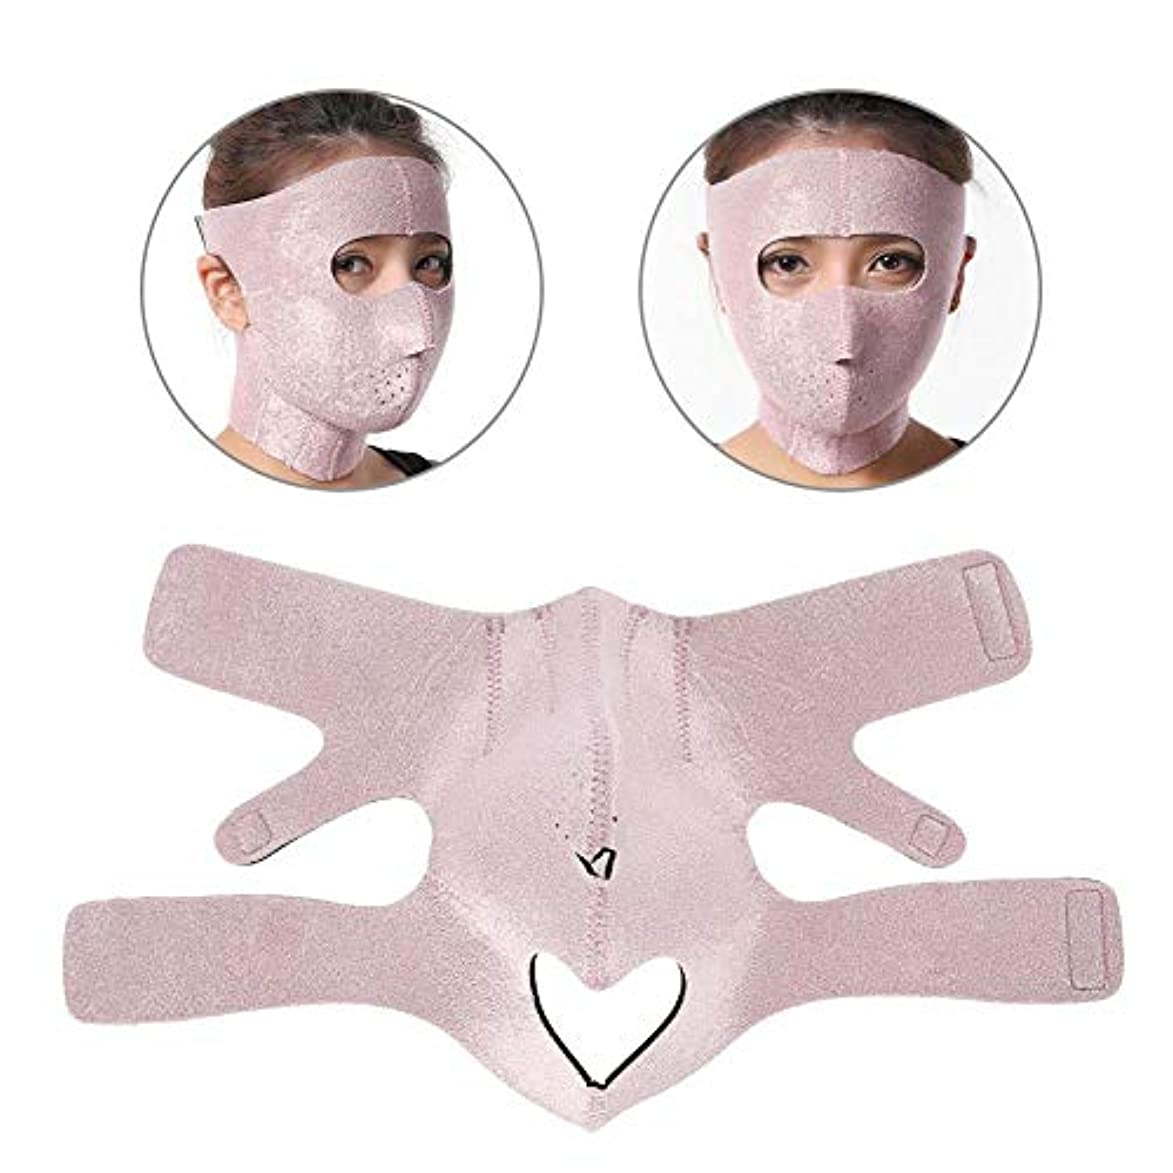 リマ聴衆スーダン顔の輪郭を改善する 美容包帯 フェイスリフト用フェイスマスク 通気性/伸縮性/変形不可